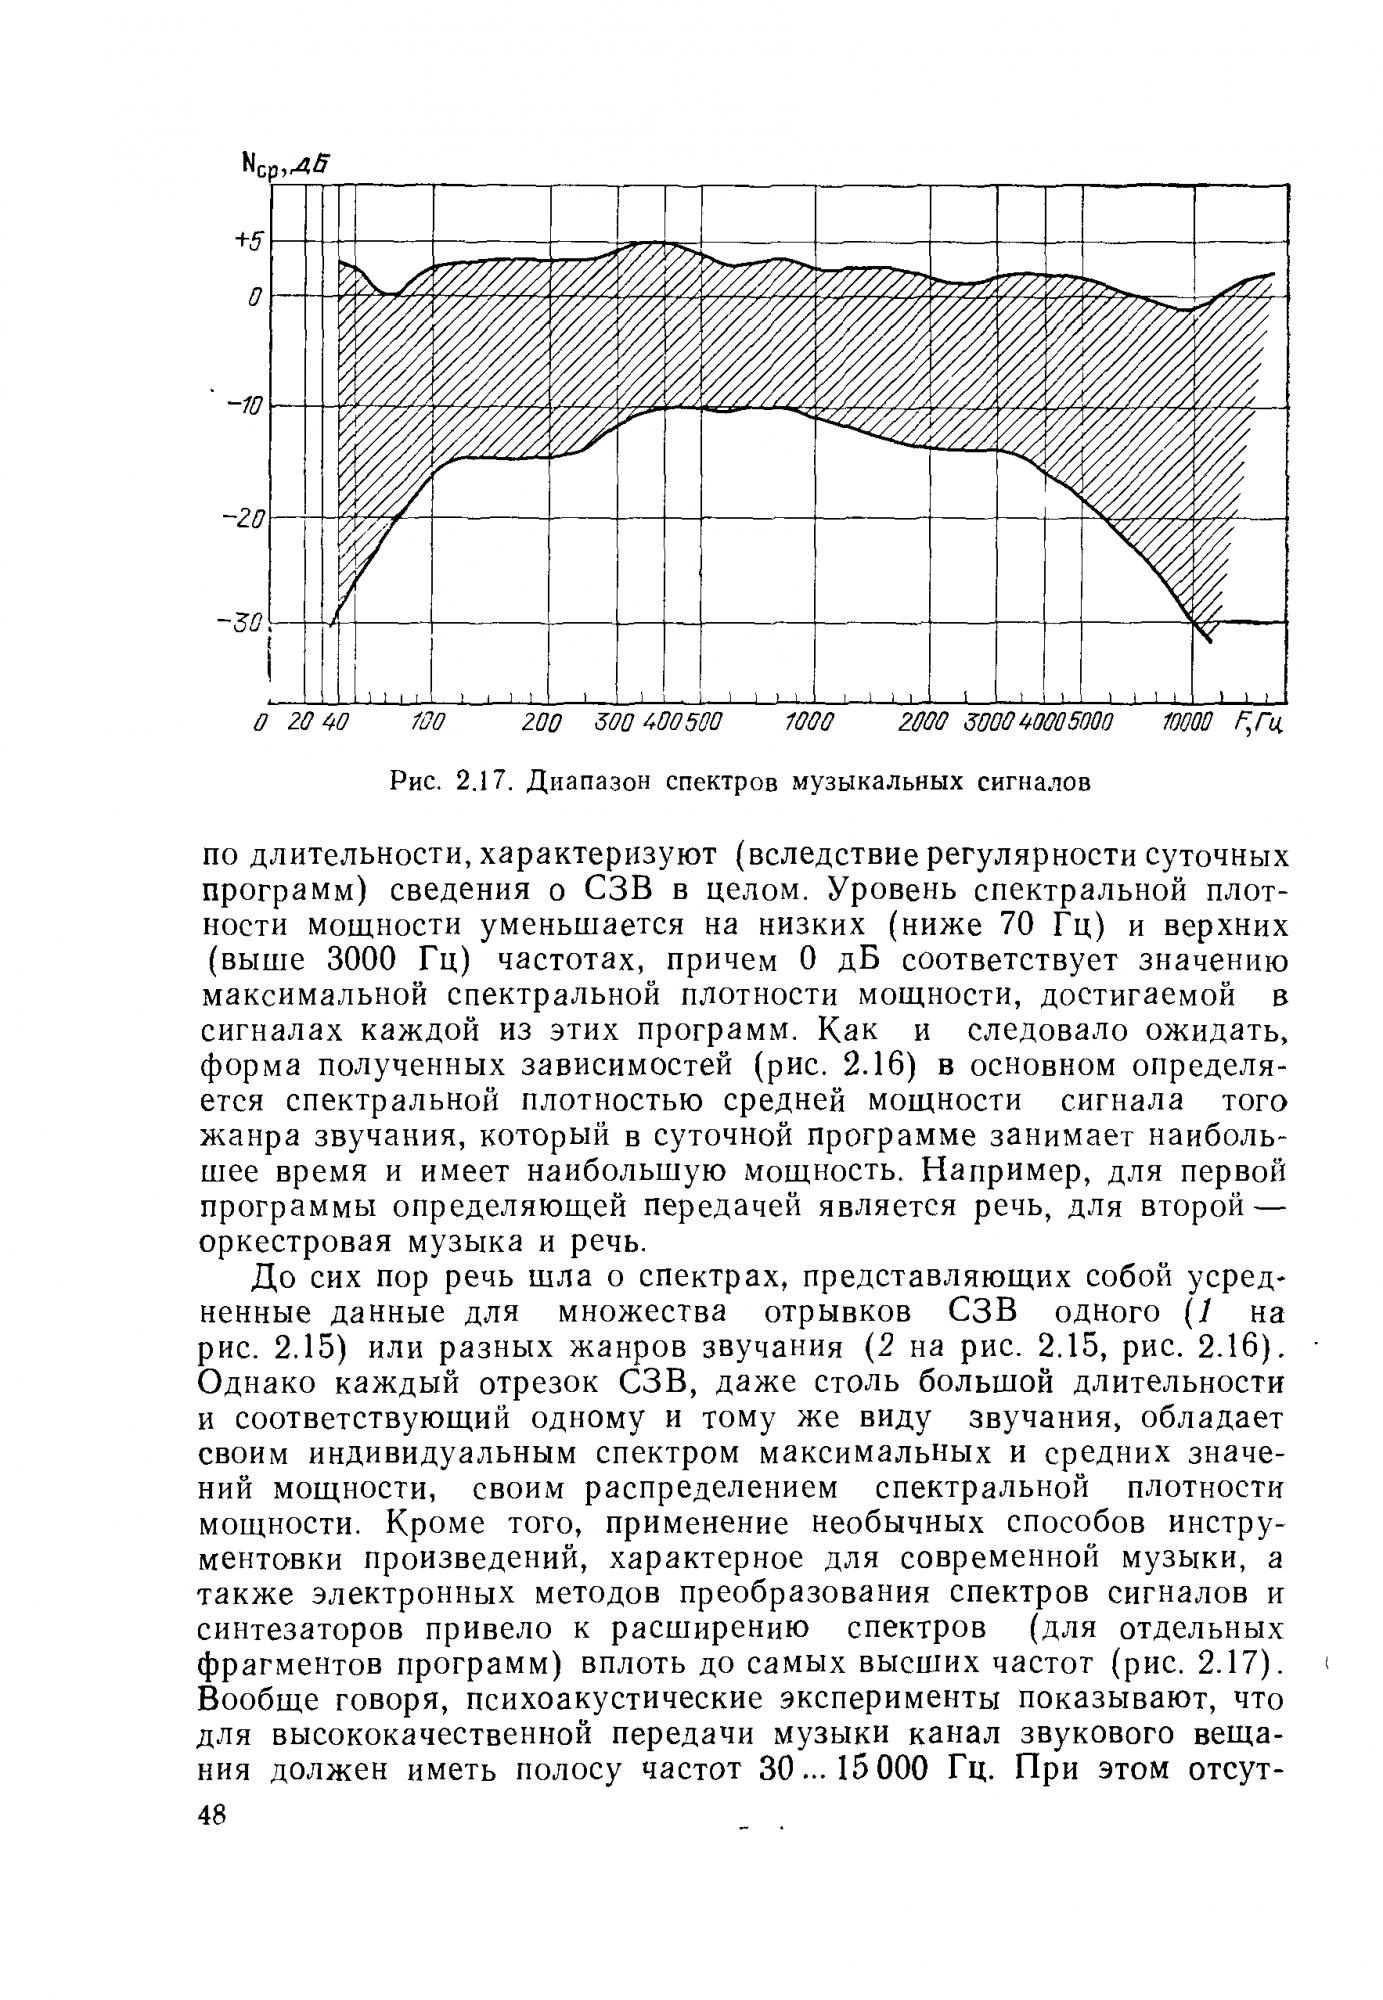 изделия, где физический смысл спектральной плотности сигнала термобелье